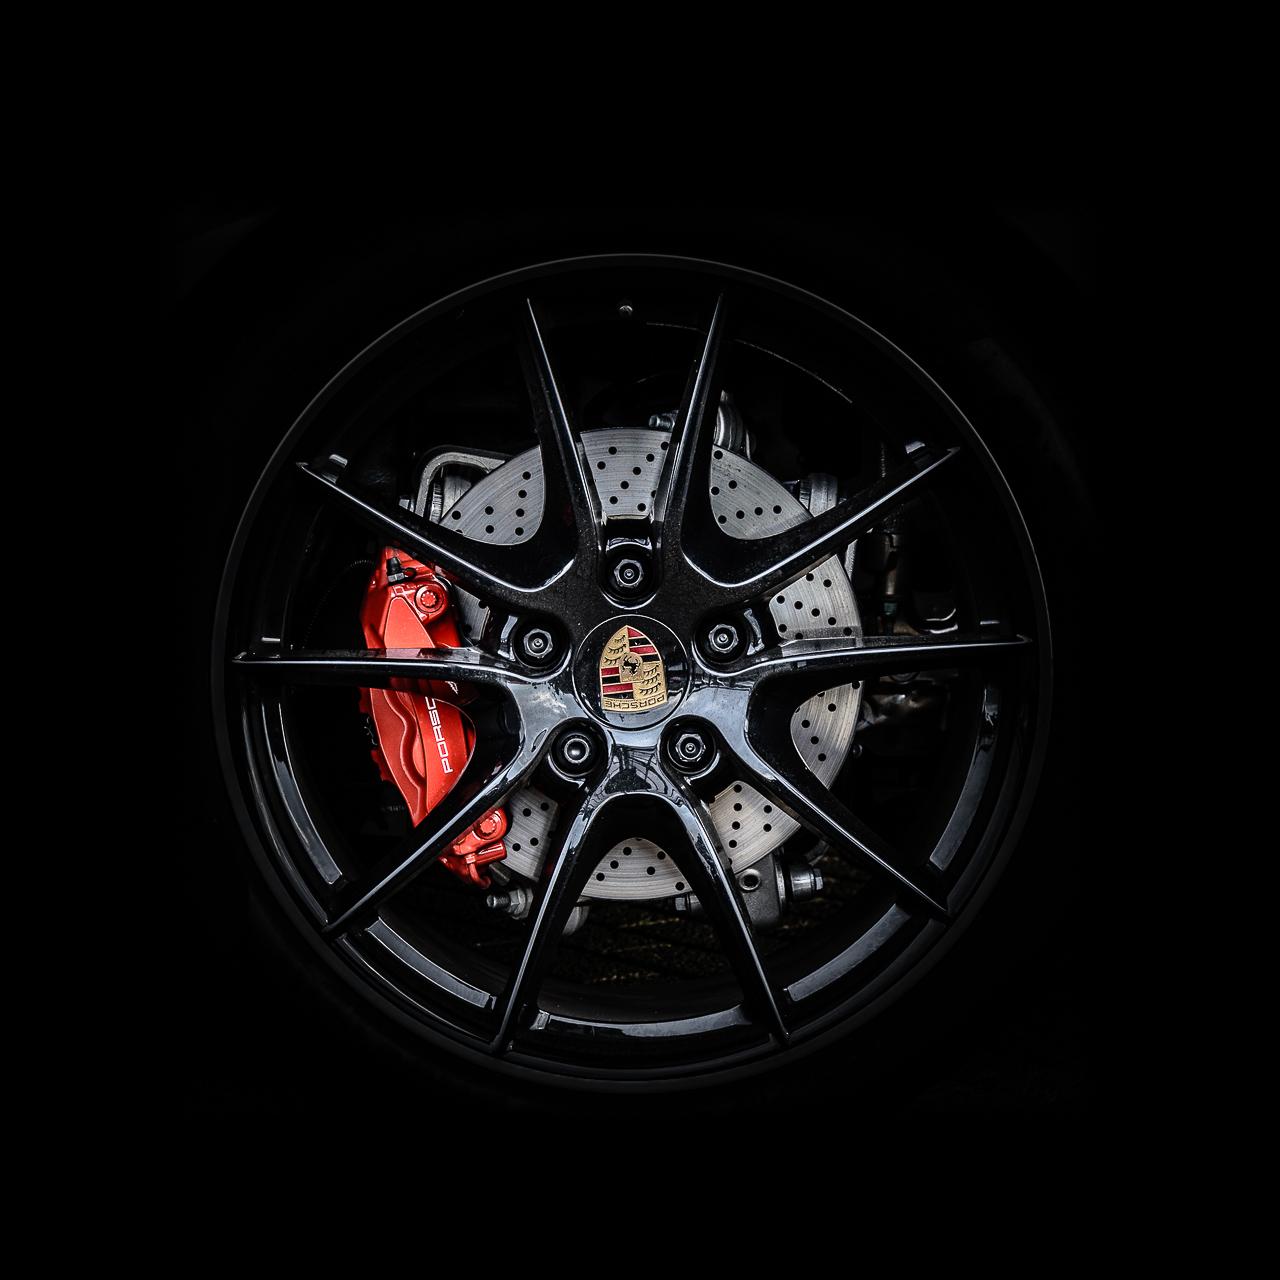 Porsche 911 Engine Test Stand: Beißwerkzeug